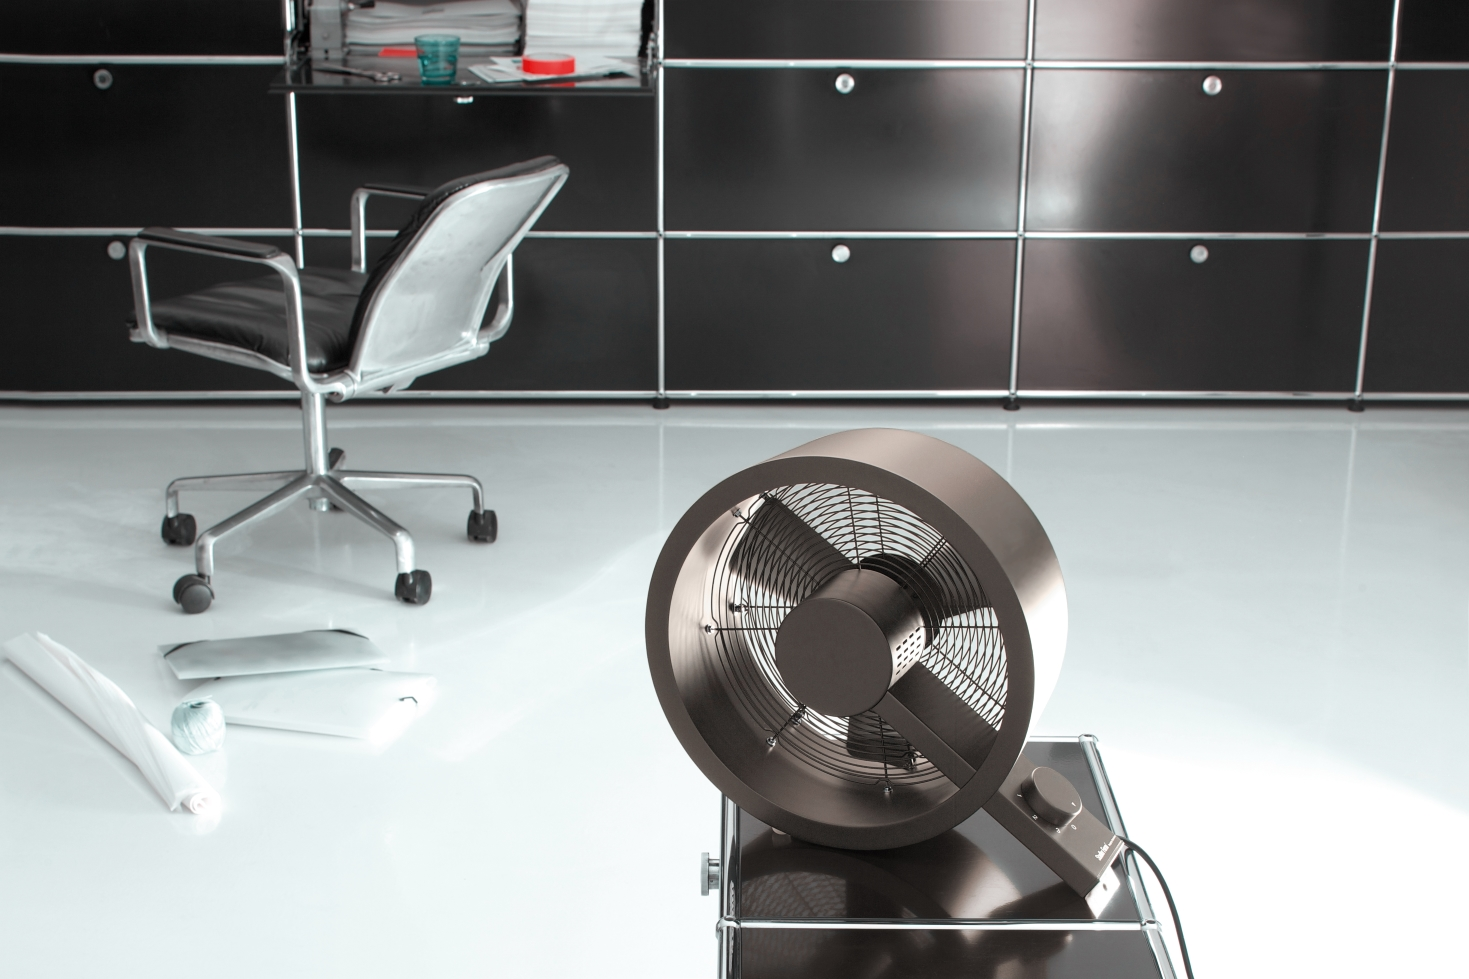 drei design ventilatoren die nicht nur cool aussehen. Black Bedroom Furniture Sets. Home Design Ideas